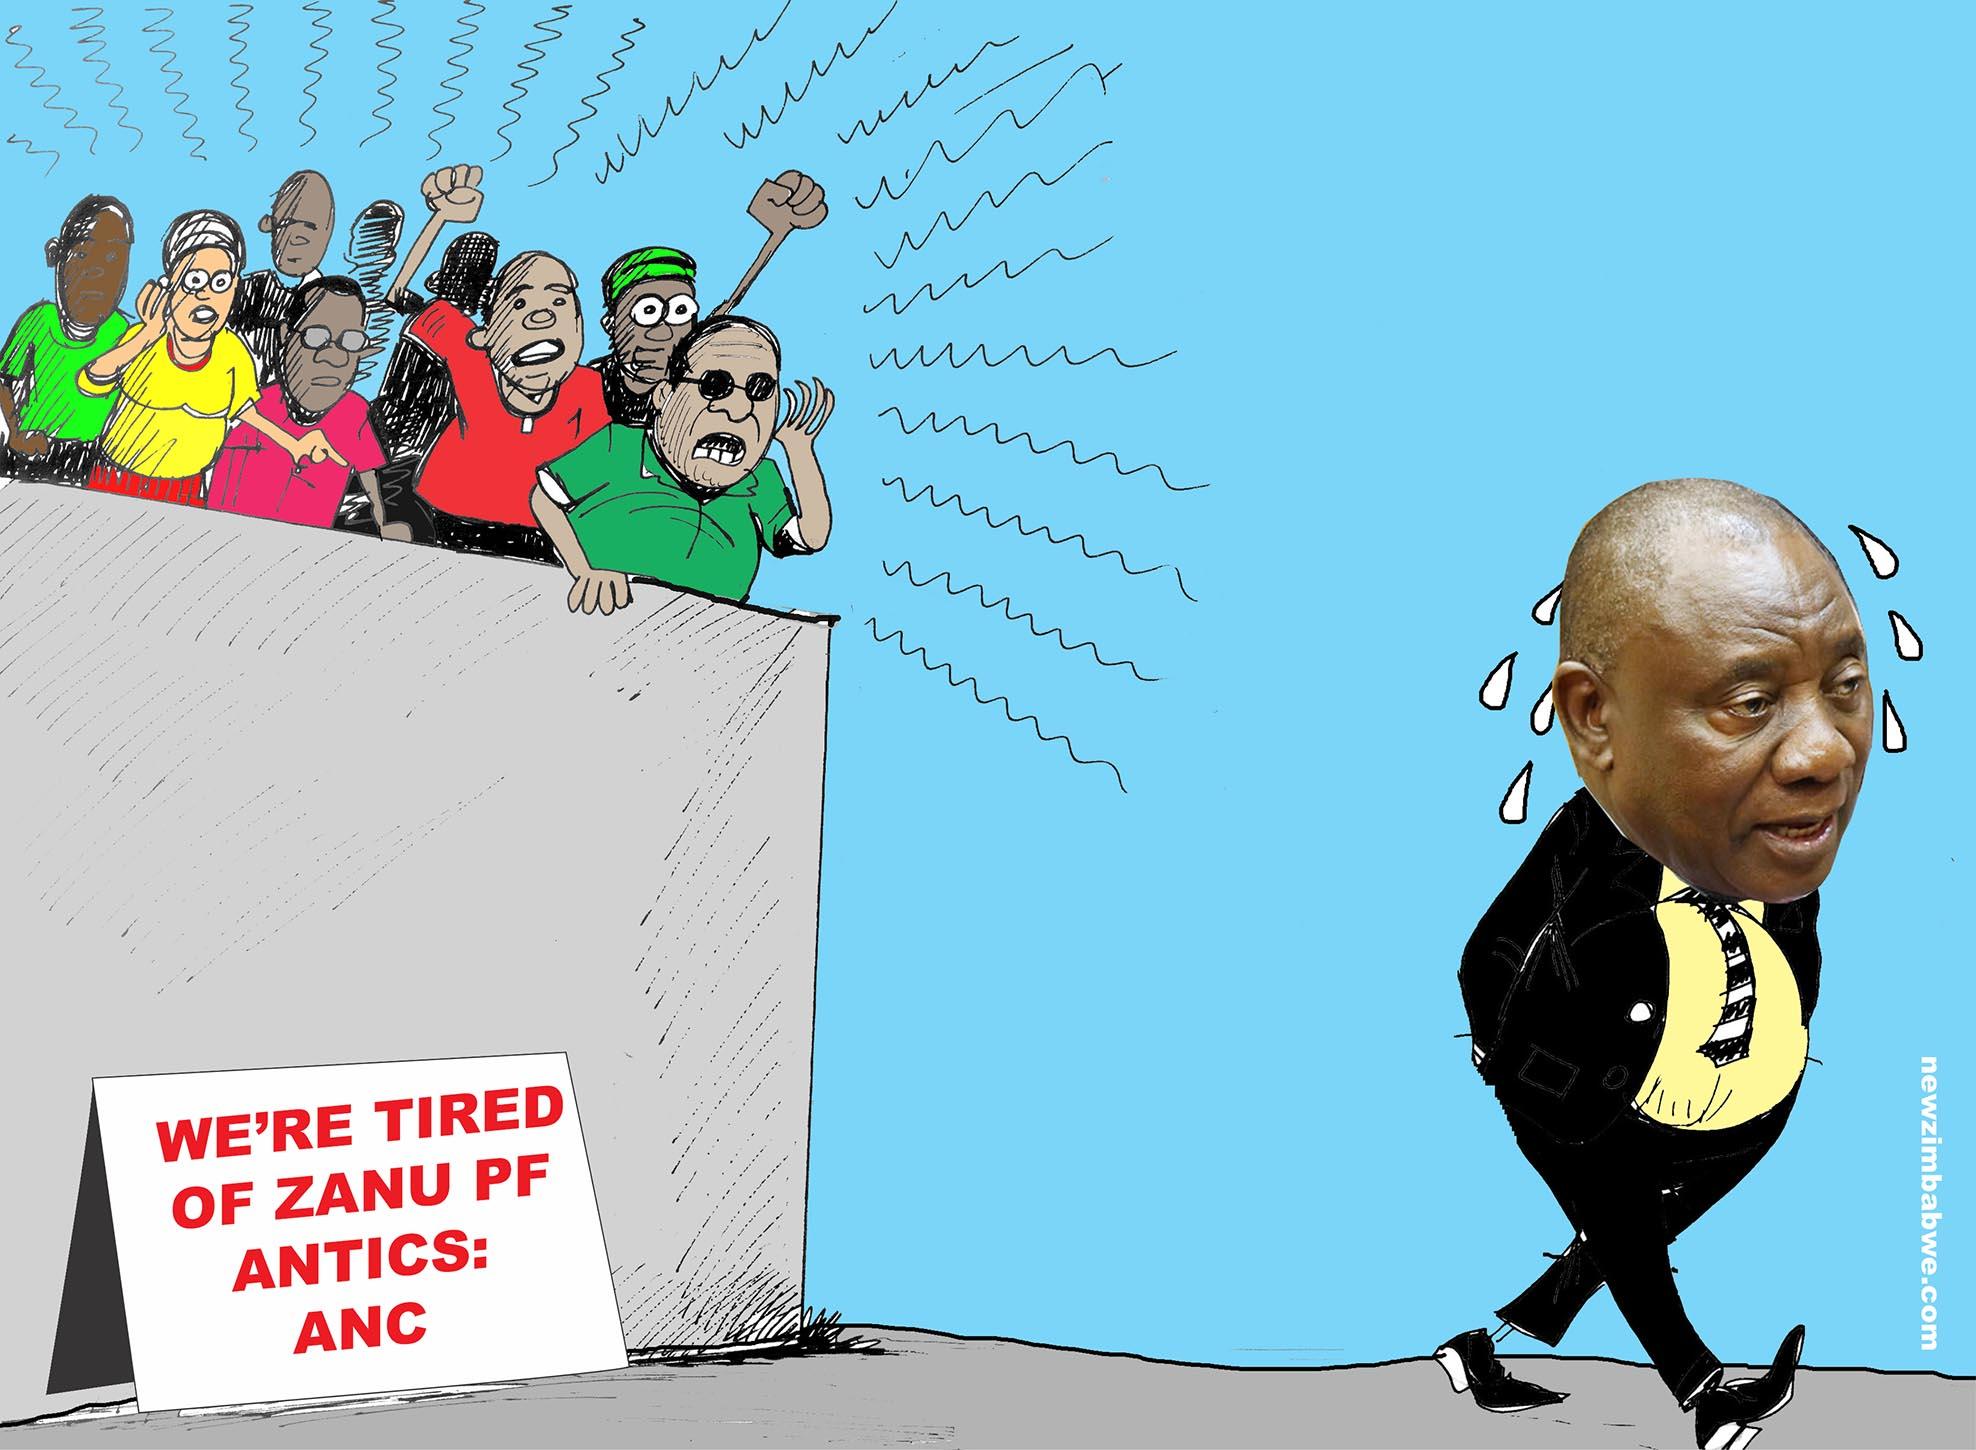 We are tired of ZANU PF antics : ANC